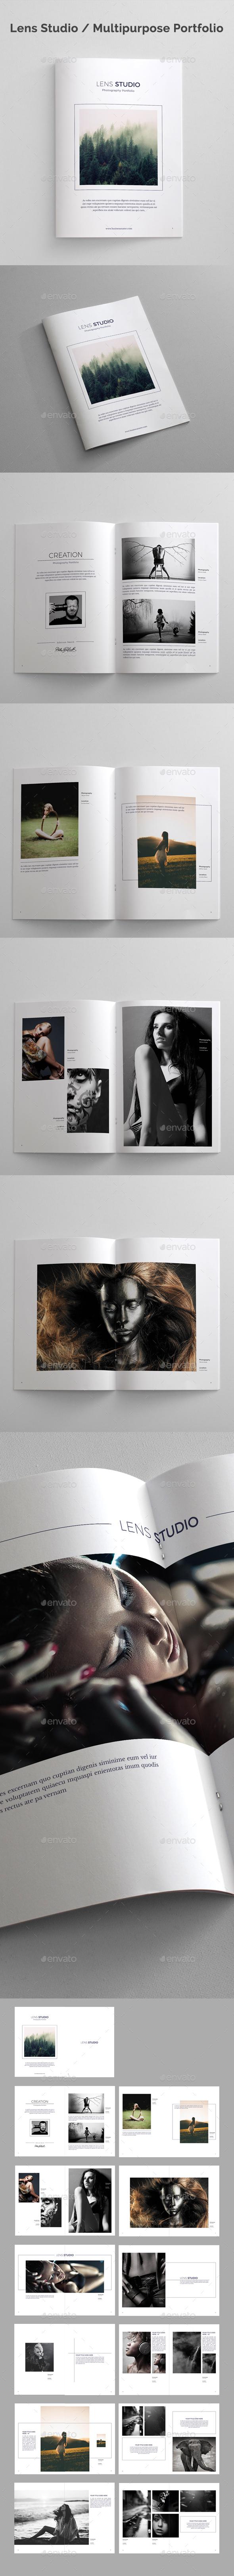 Lens Studio / Multipurpose Portfolio - Portfolio Brochures